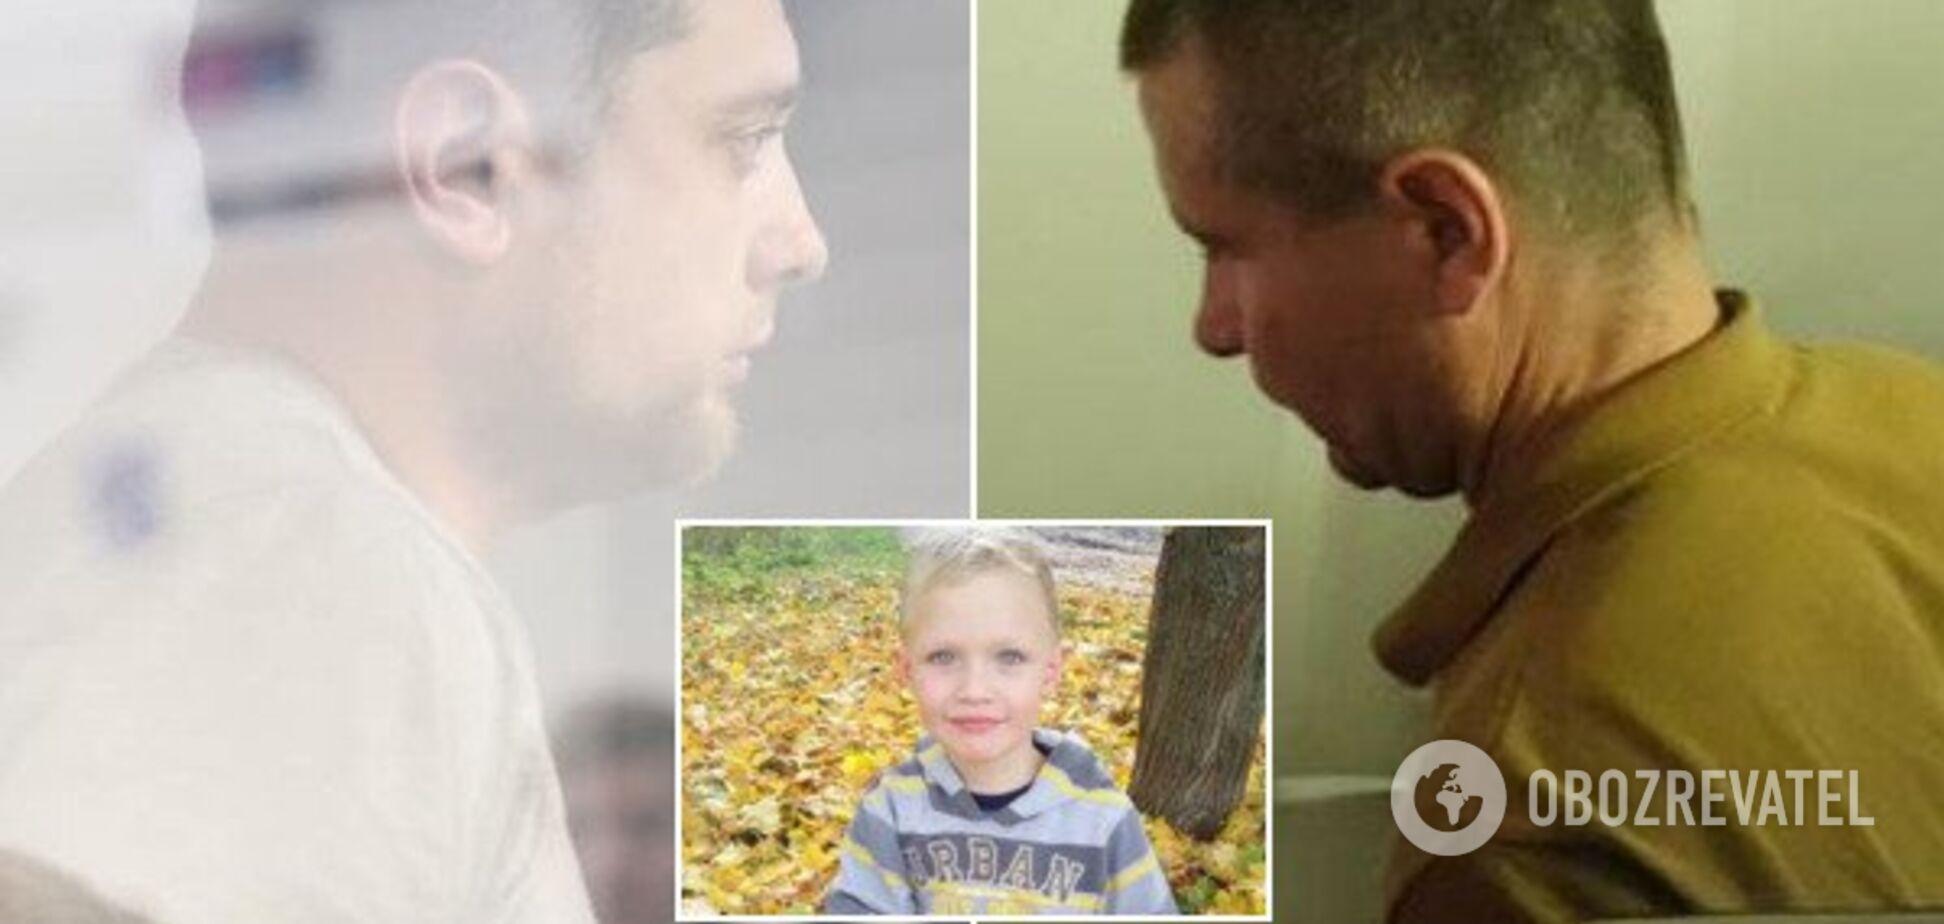 Подозреваемые и убитый ребенок